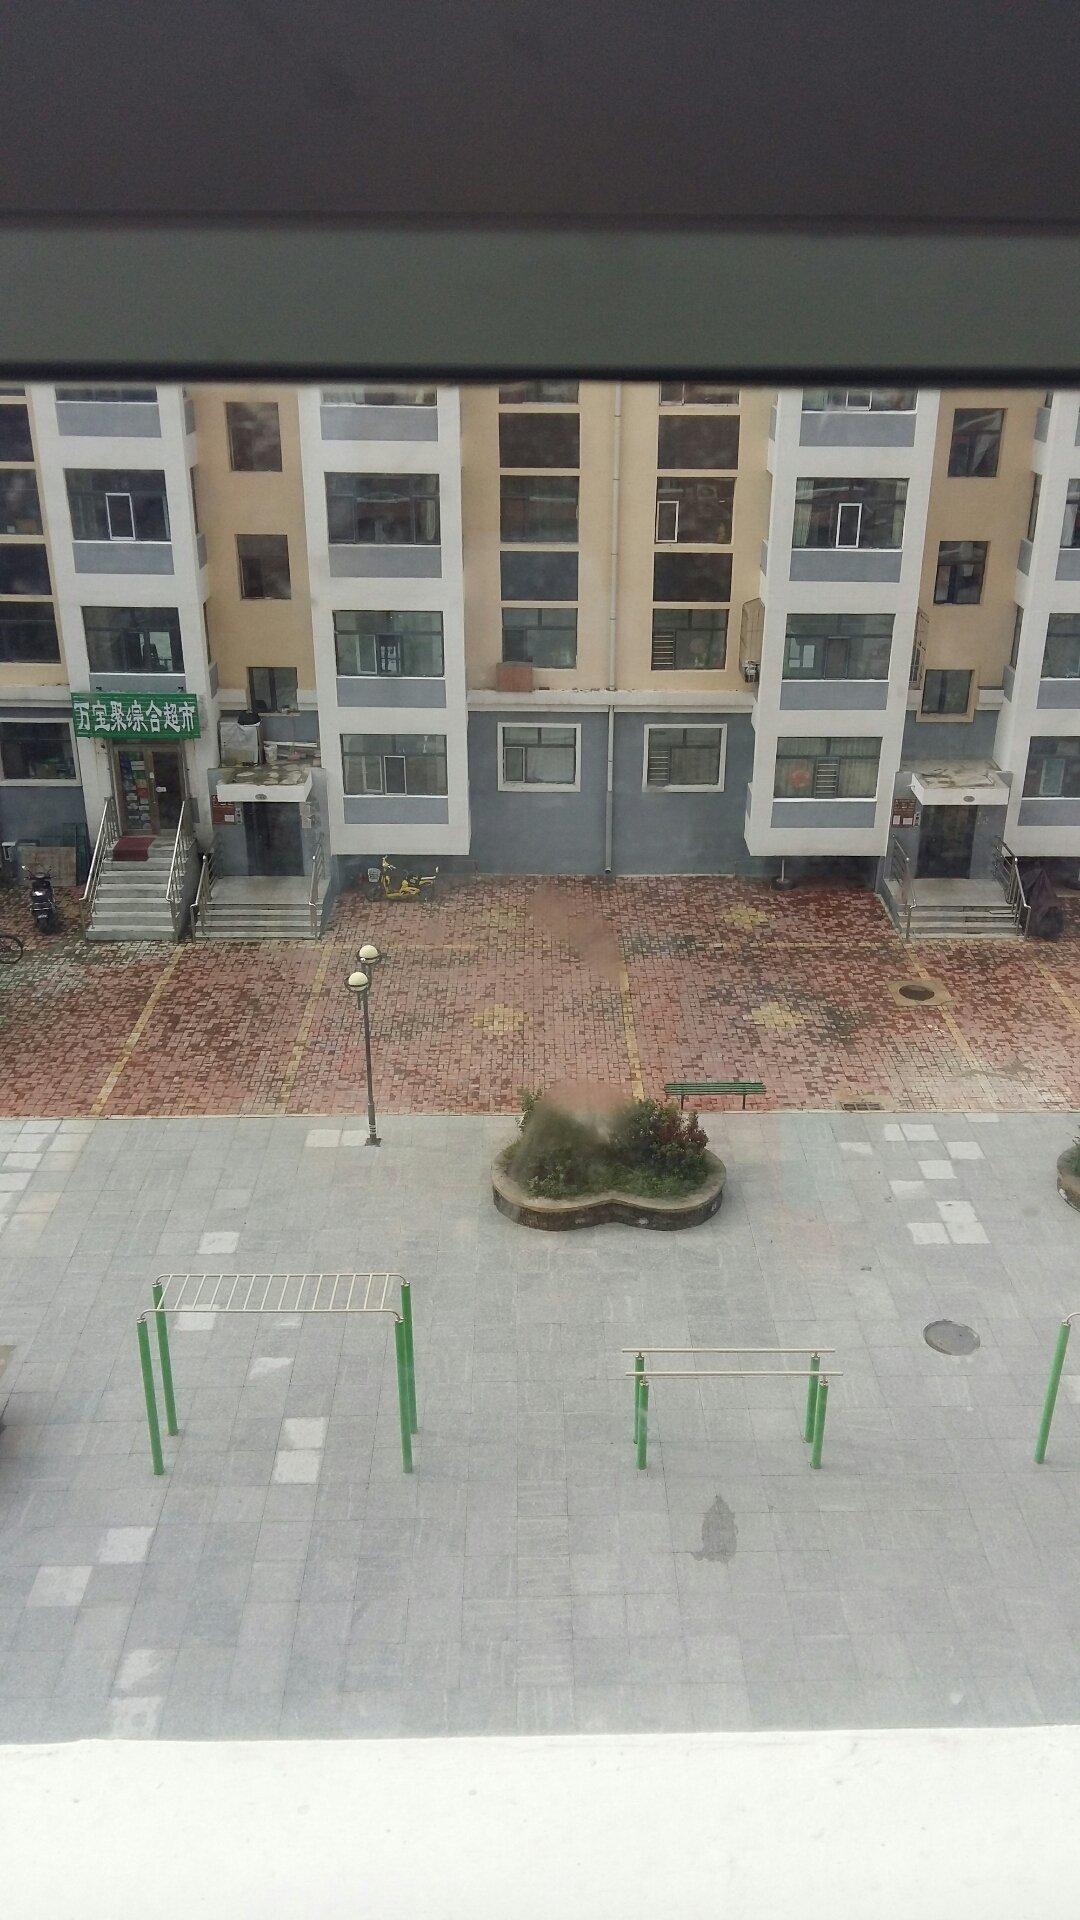 黑龙江省齐齐哈尔市建华区双华南路靠近贝思英语学校(东四道街)天气预报